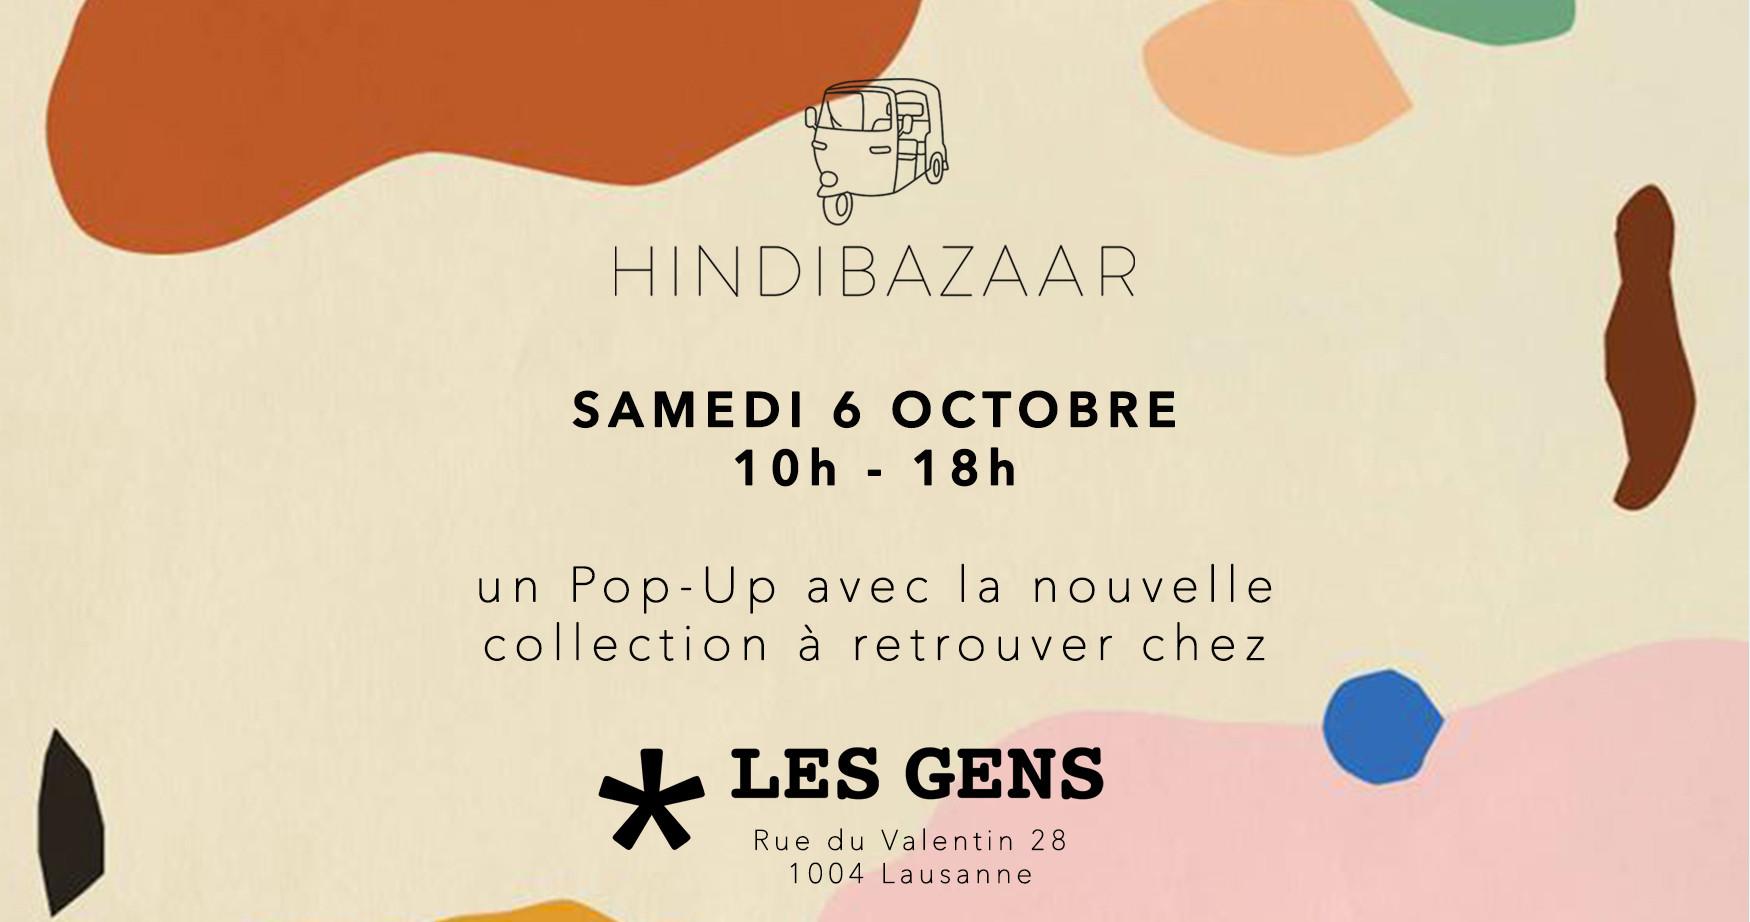 Hindi Bazaar x Les Gens